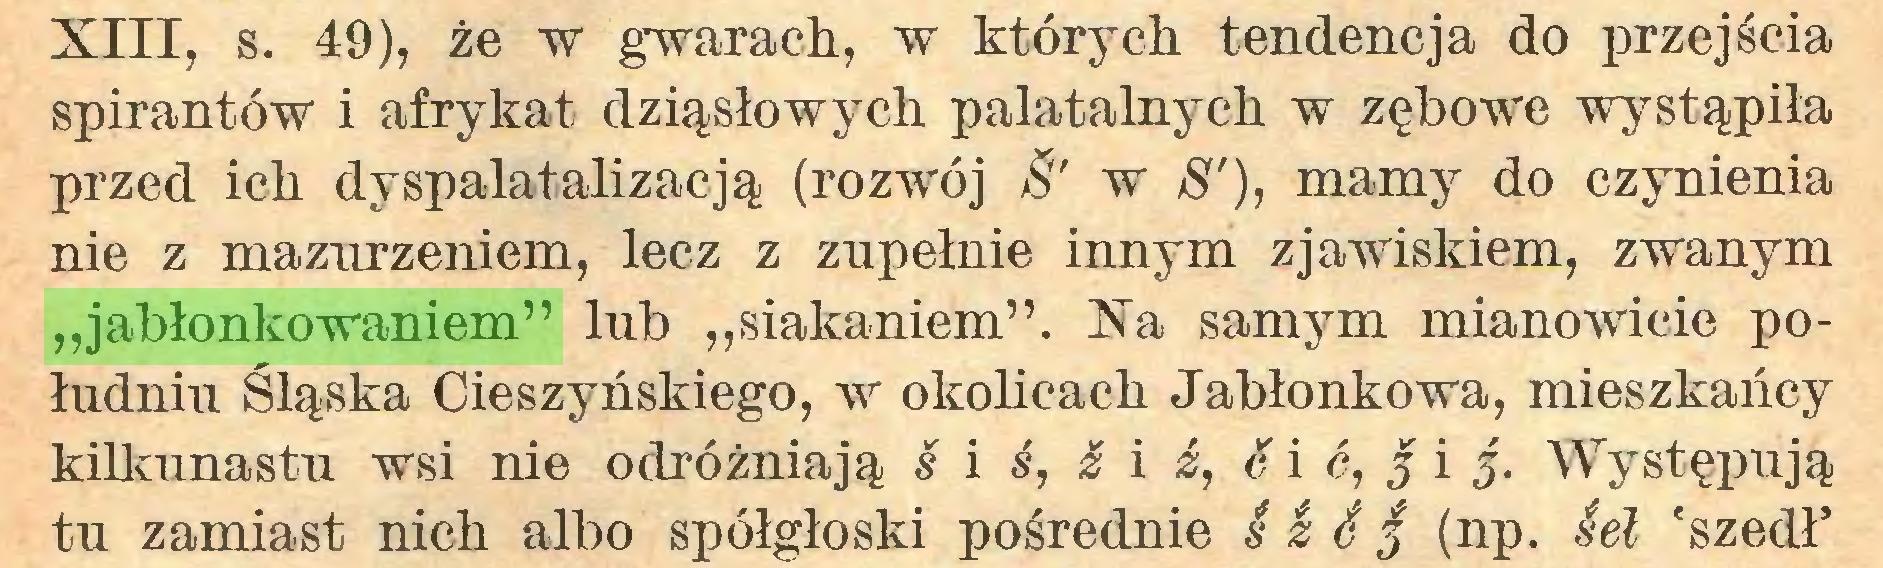 """(...) XIII, s. 49), że w gwarach, w których tendencja do przejścia spirantów i afrykat dziąsłowych palatalnych w zębowe wystąpiła przed ich dyspalatalizacją (rozwój w $'), mamy do czynienia nie z mazurzeniem, lecz z zupełnie innym zjawiskiem, zwanym """"jabłonkowaniem"""" lub """"siąkaniem"""". Na samym mianowicie południu Śląska Cieszyńskiego, w okolicach Jabłonkowa, mieszkańcy kilkunastu wsi nie odróżniają s i ś, & i ź, é i 6, j i 5. Występują tu zamiast nich albo spółgłoski pośrednie S I é 5 (np. Sel 'szedł'..."""